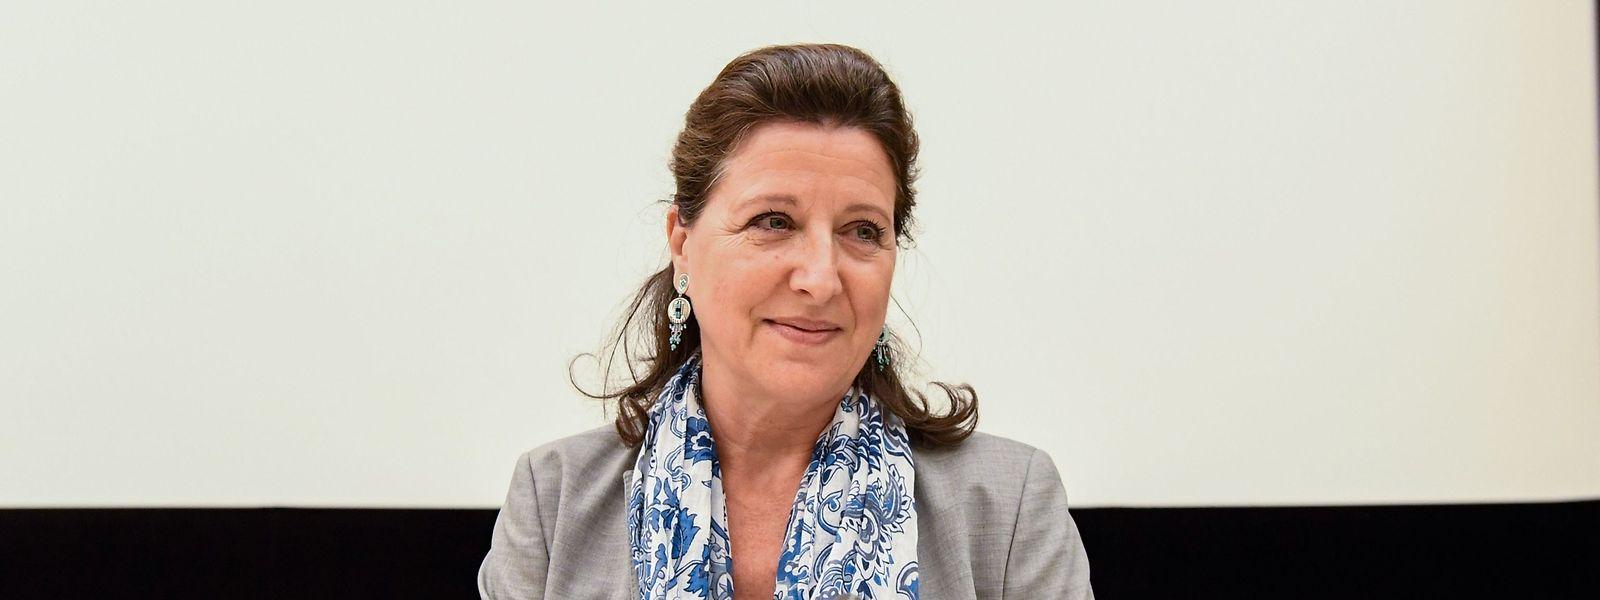 Frankreichs ehemalige Gesundheitsministerin Agnès Buzyn hat ihren Umgang mit der Corona-Krise verteidigt.